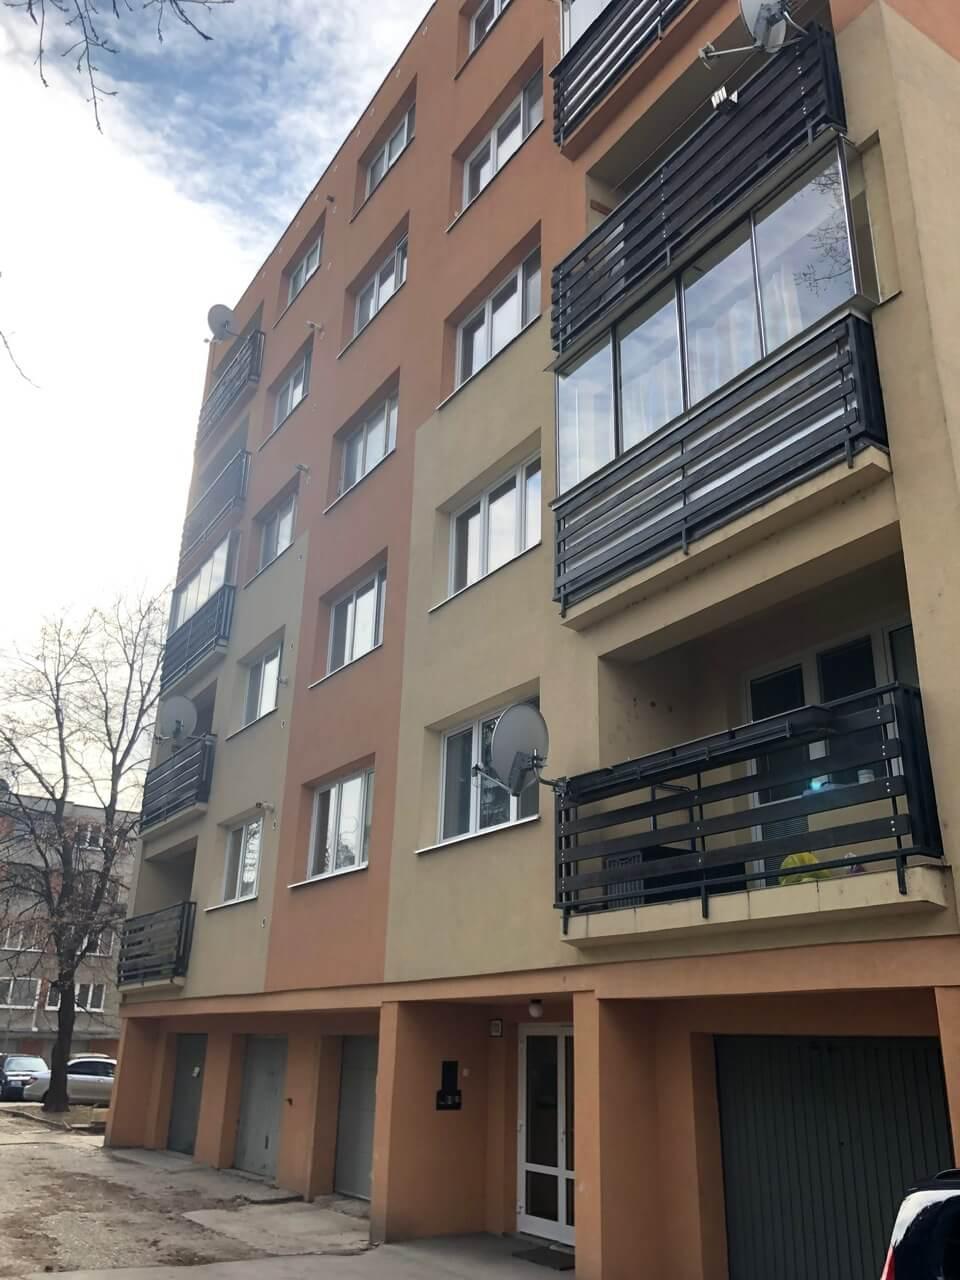 Predaný: Exkluzívne na predaj 3 izb. byt, 81,7m2, balkón 5 m2, pivnica 6m2, garáž, Dunajská Lužná, ulica Brezová-29